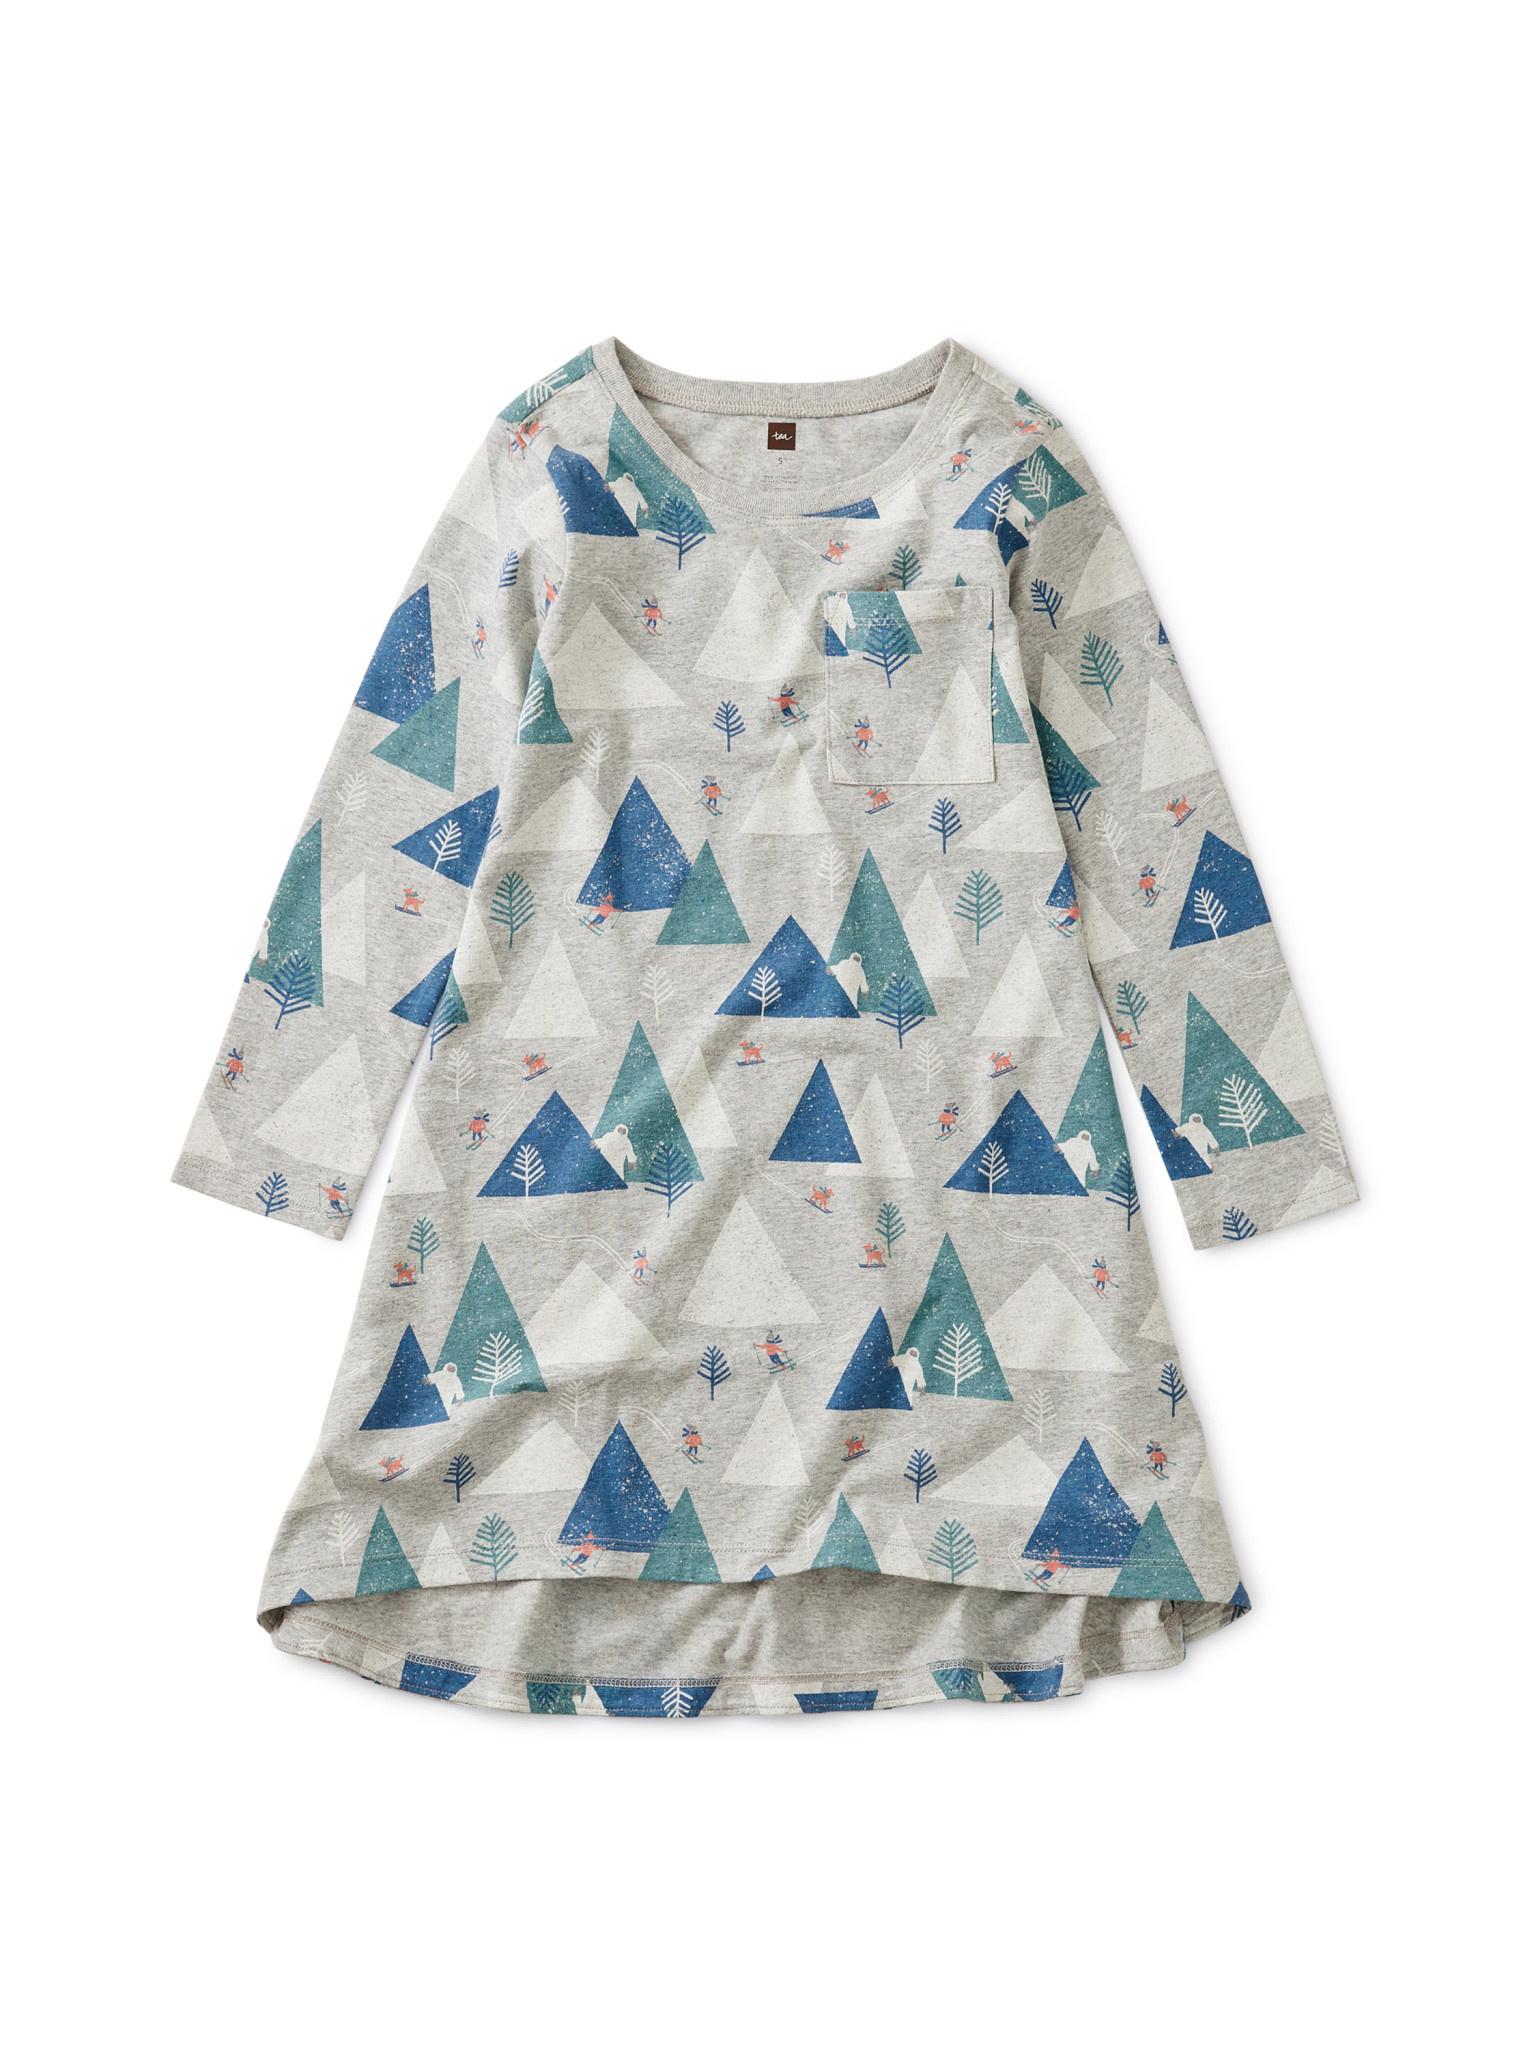 Tea Collection Himalayan Ski Pocket Dress